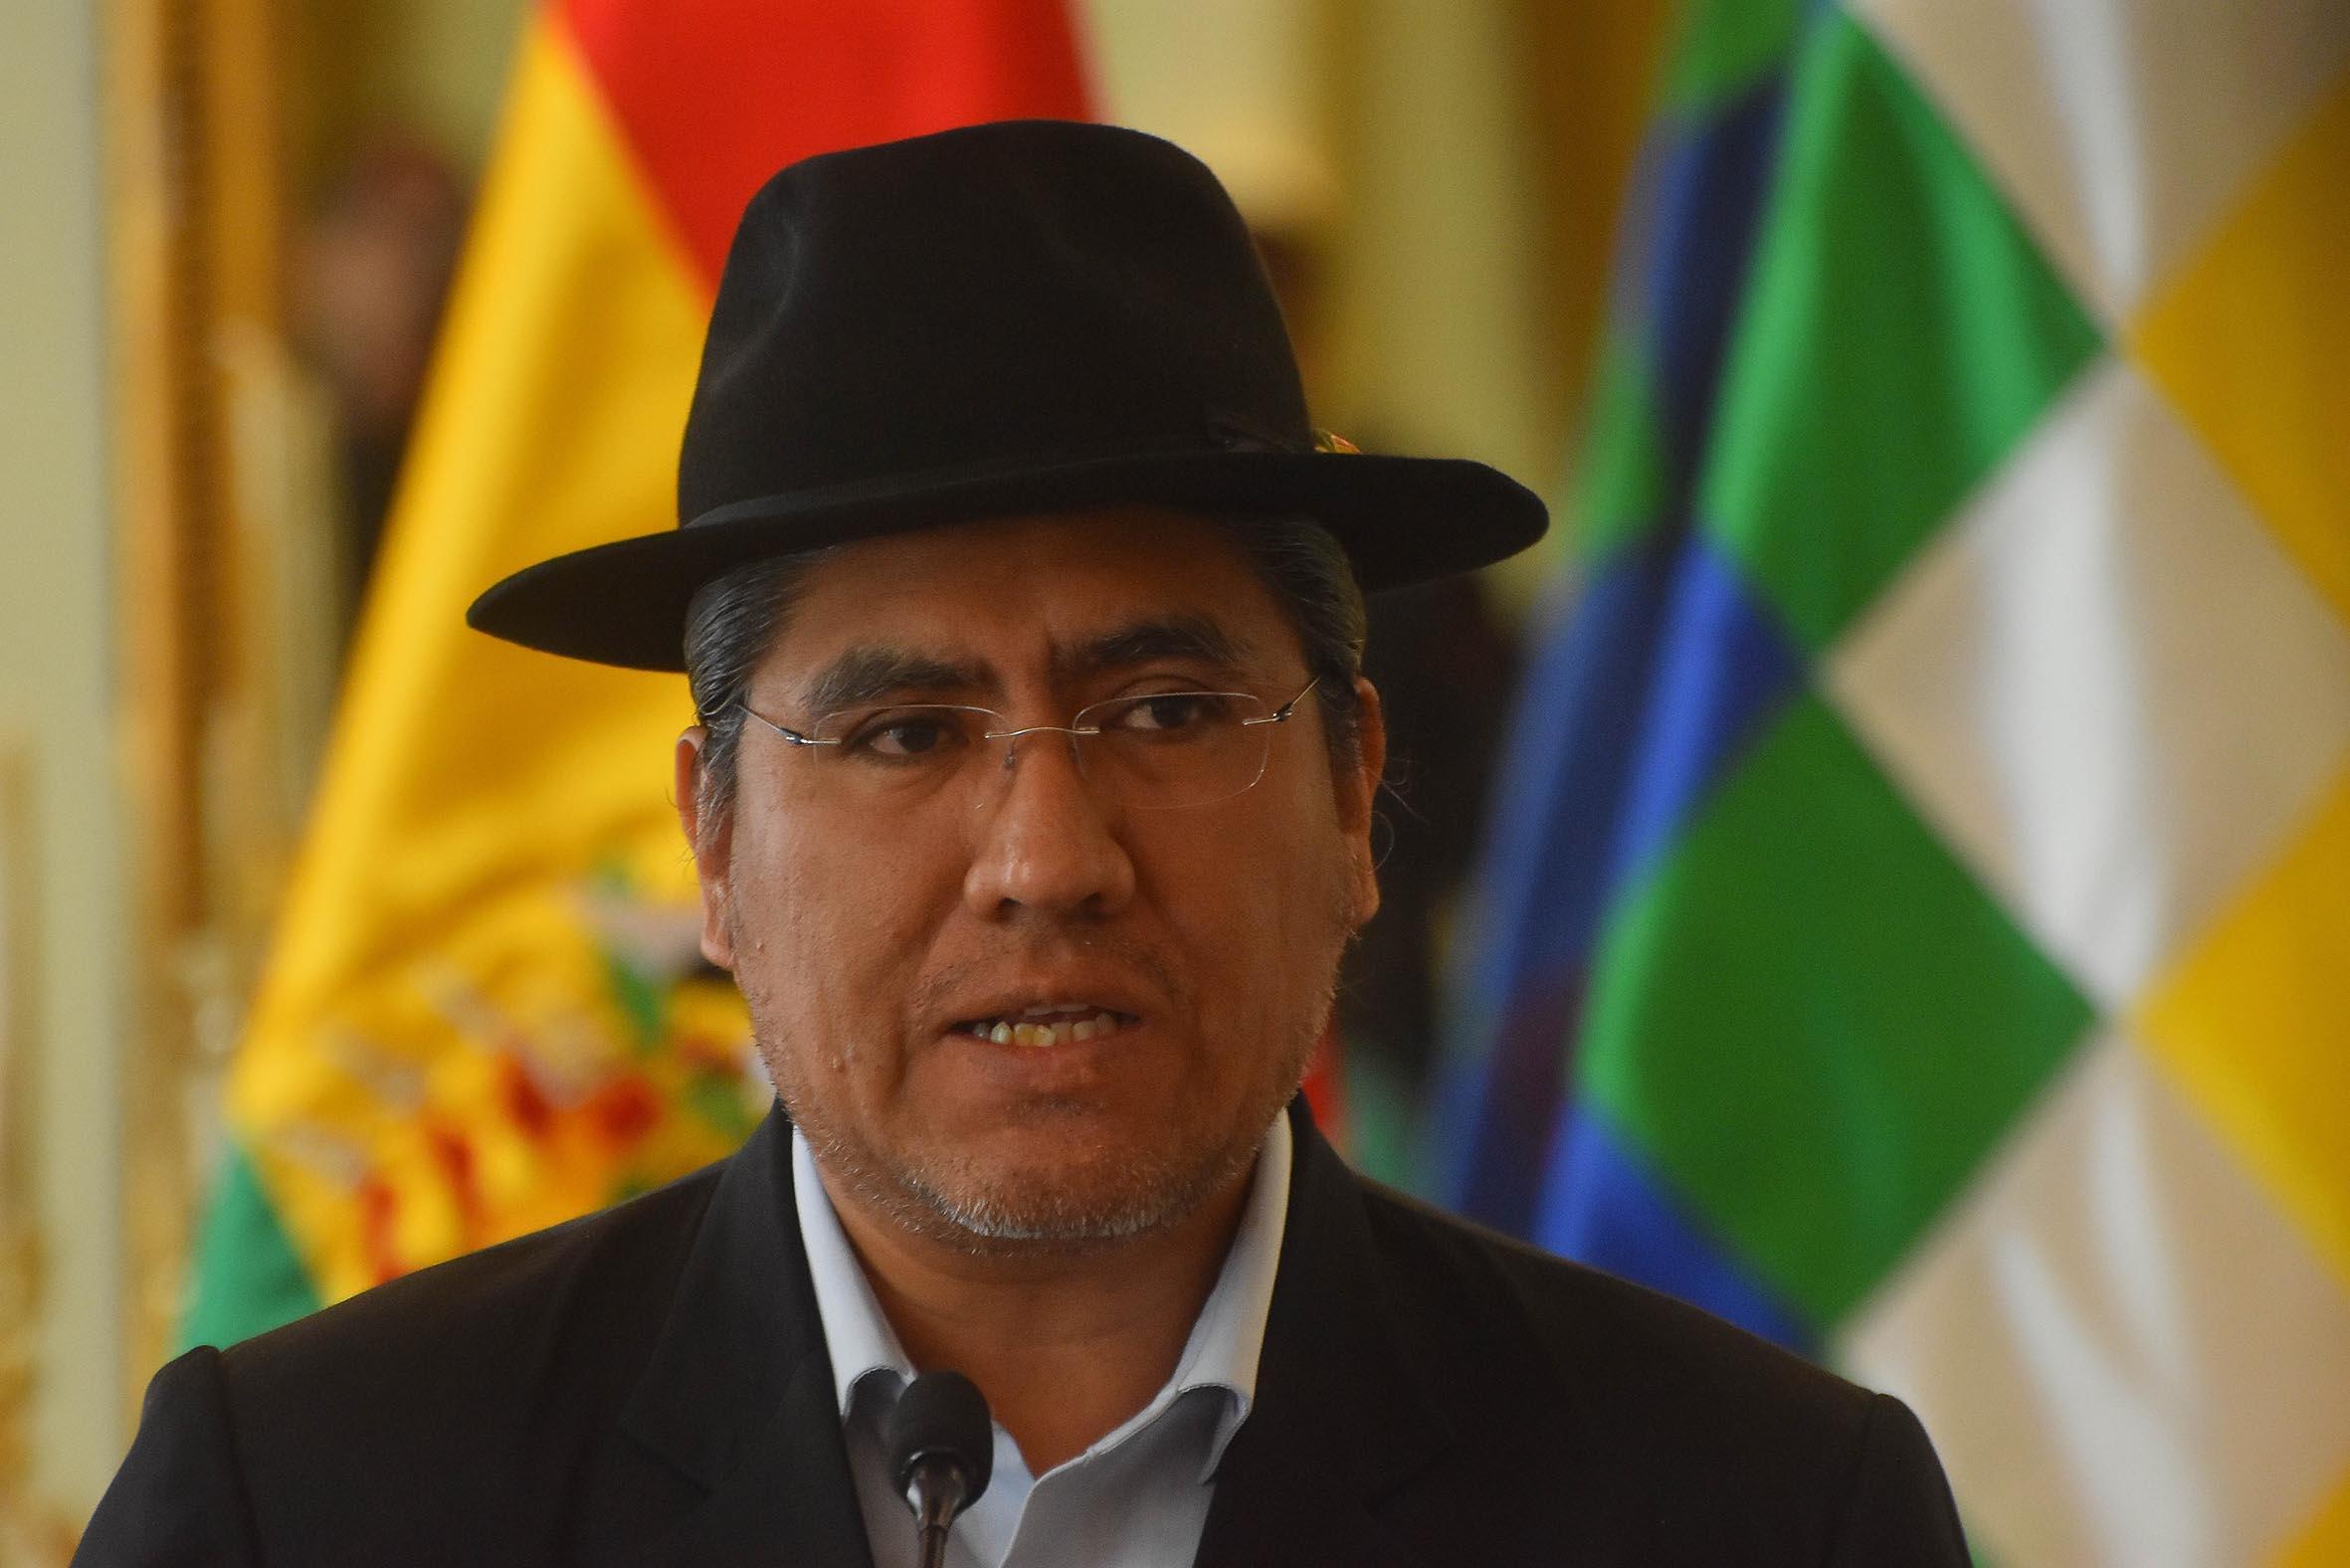 Cancillería y ASP-B exploran salida favorable y negociada con Chile sobre incremento de tarifas en Arica